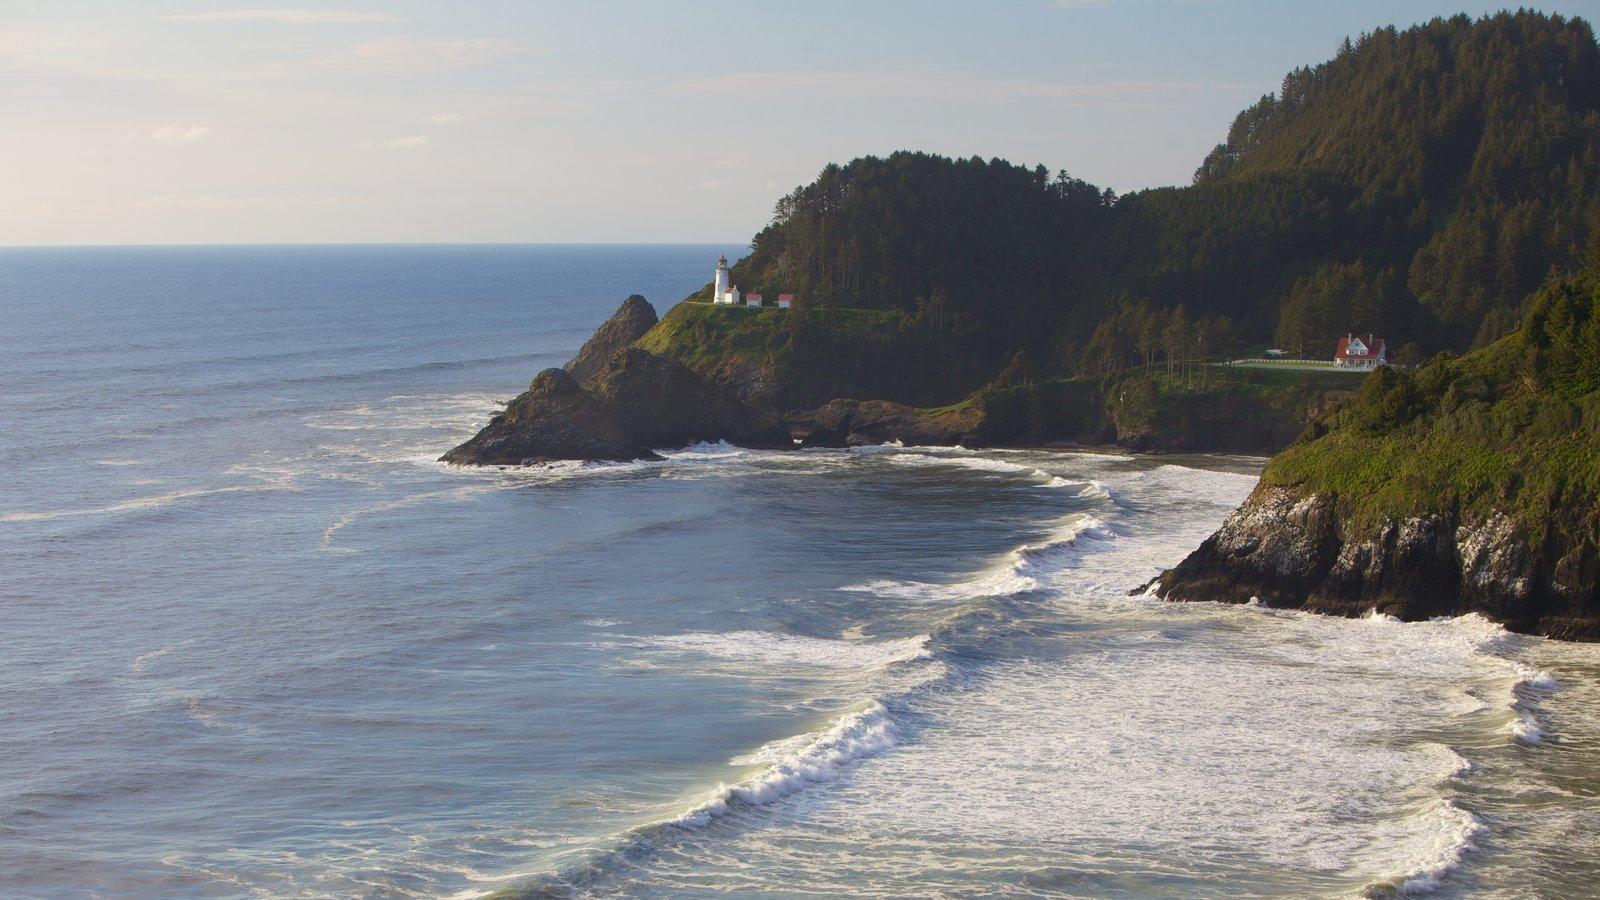 Heceta Head Lighthouse que inclui paisagens litorâneas, paisagem e litoral acidentado